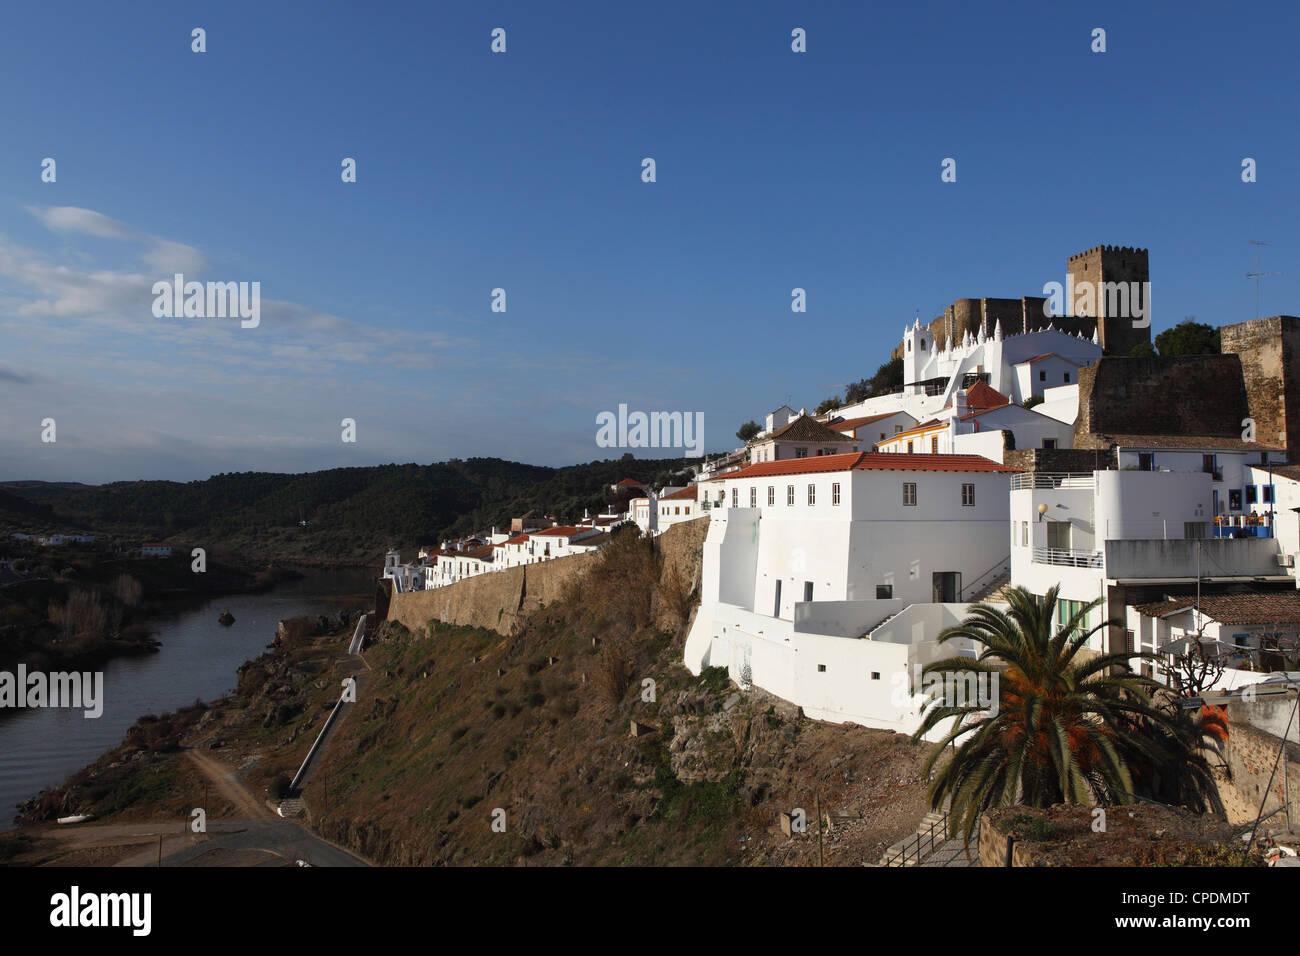 The 13th century castle, Guadiana River, Mertola, Alentejo, Portugal - Stock Image